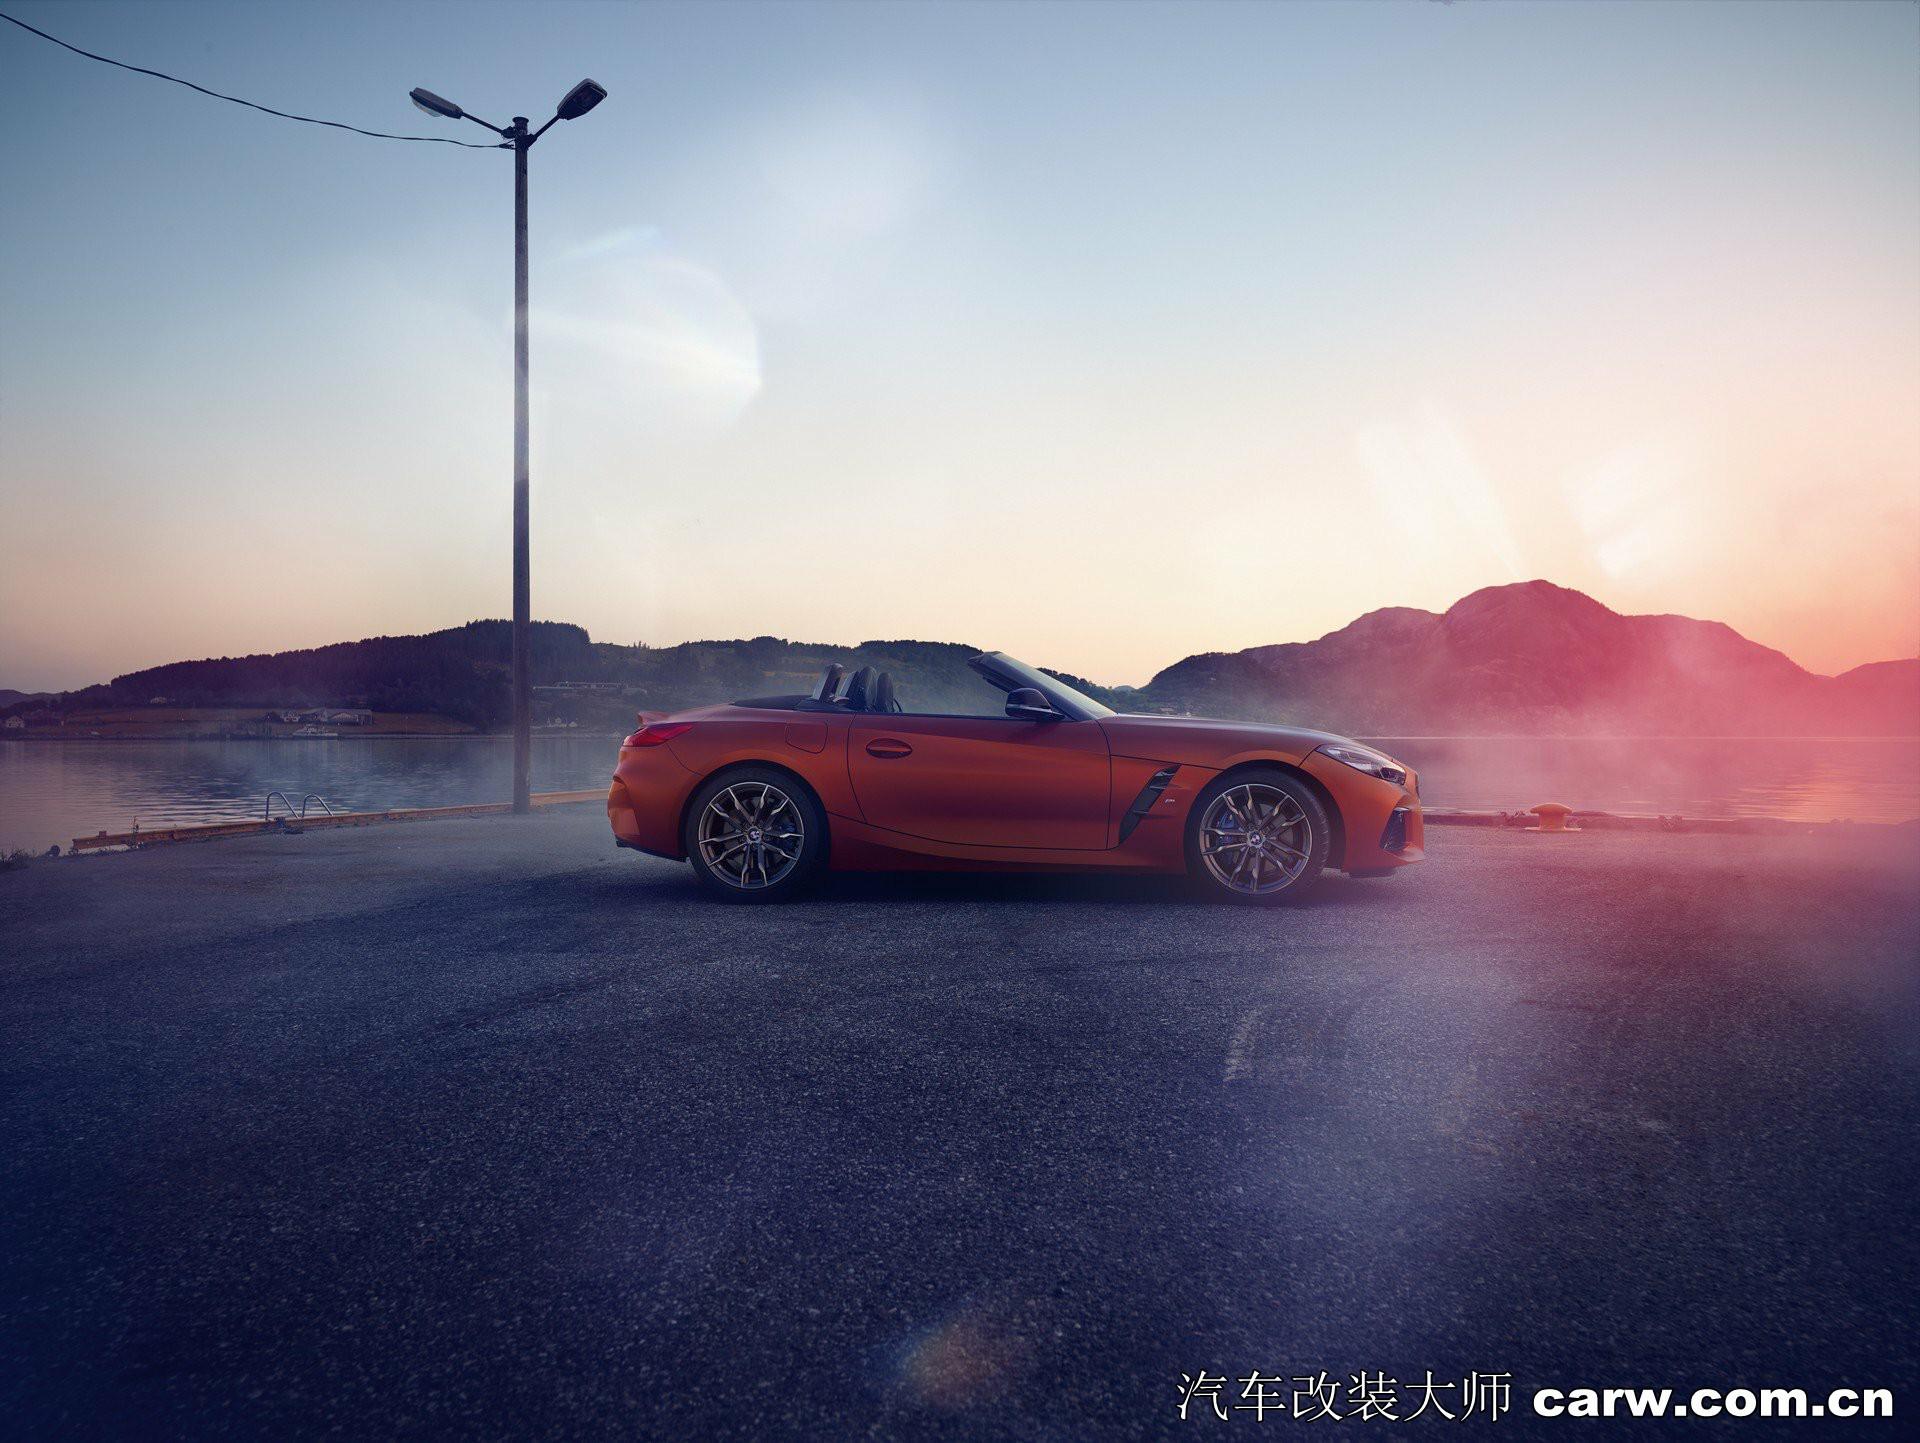 2019年BMW Z4 Roadster亮相越来越大的双肾格栅